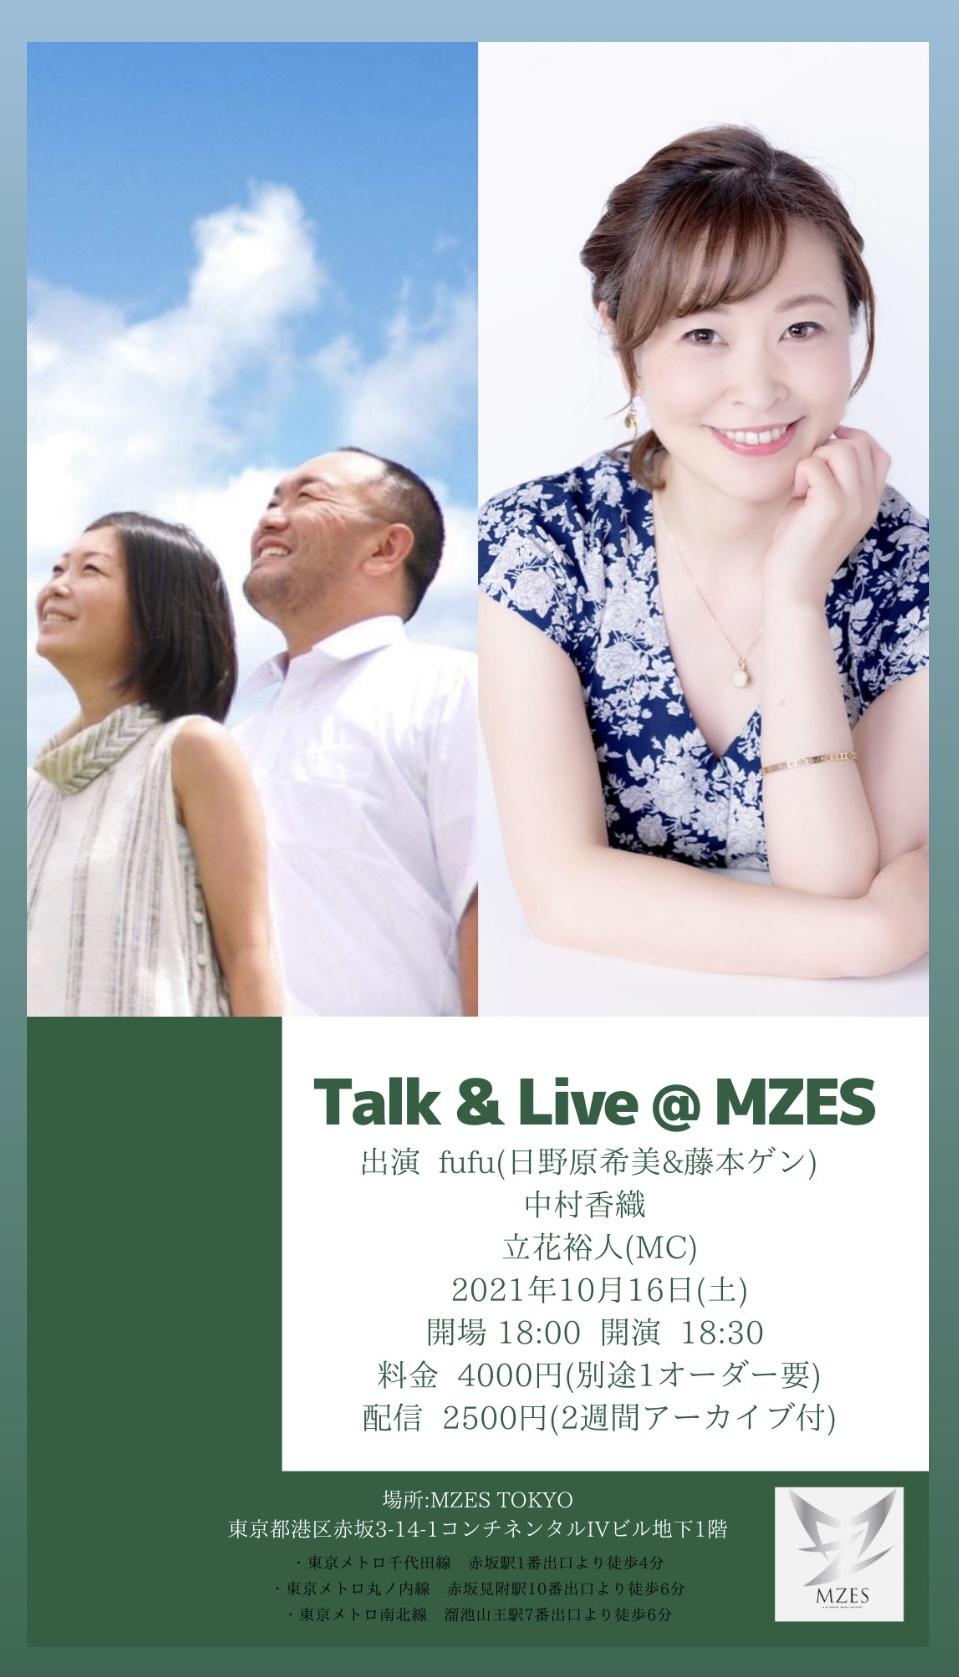 【配信】Talk & Live @ MZES